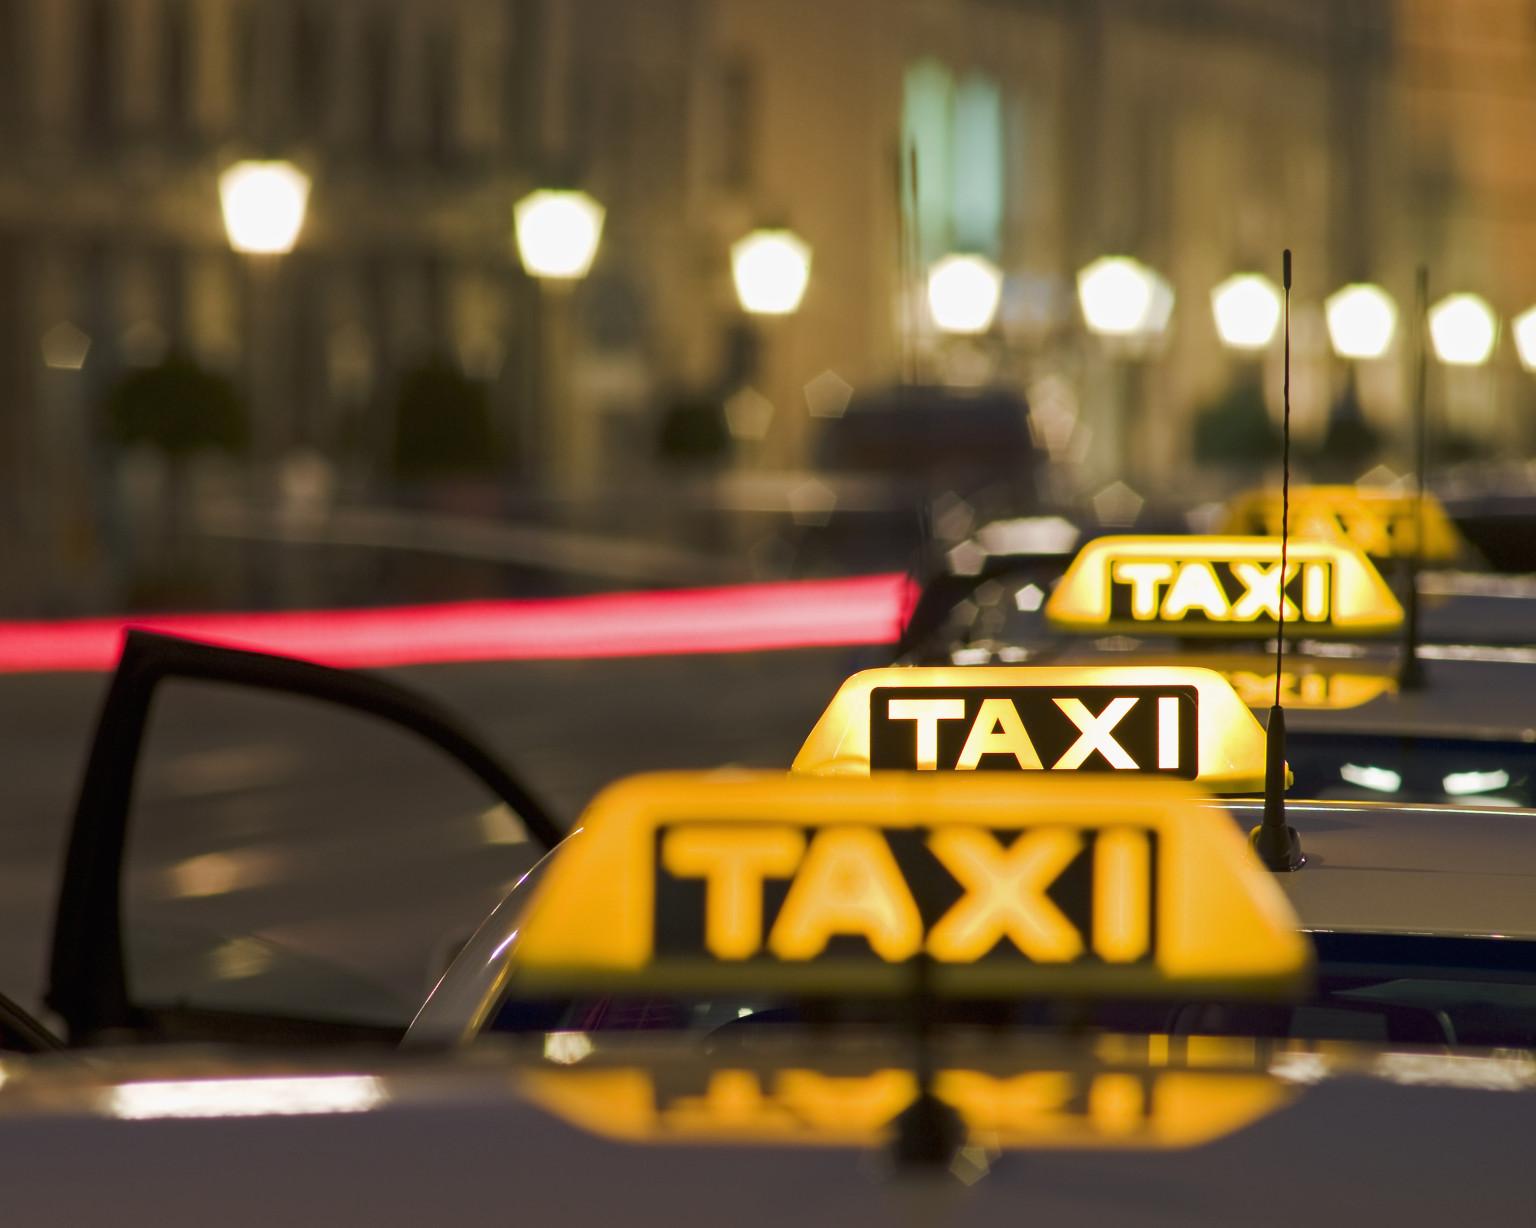 Таксист отимел и бросил 8 фотография